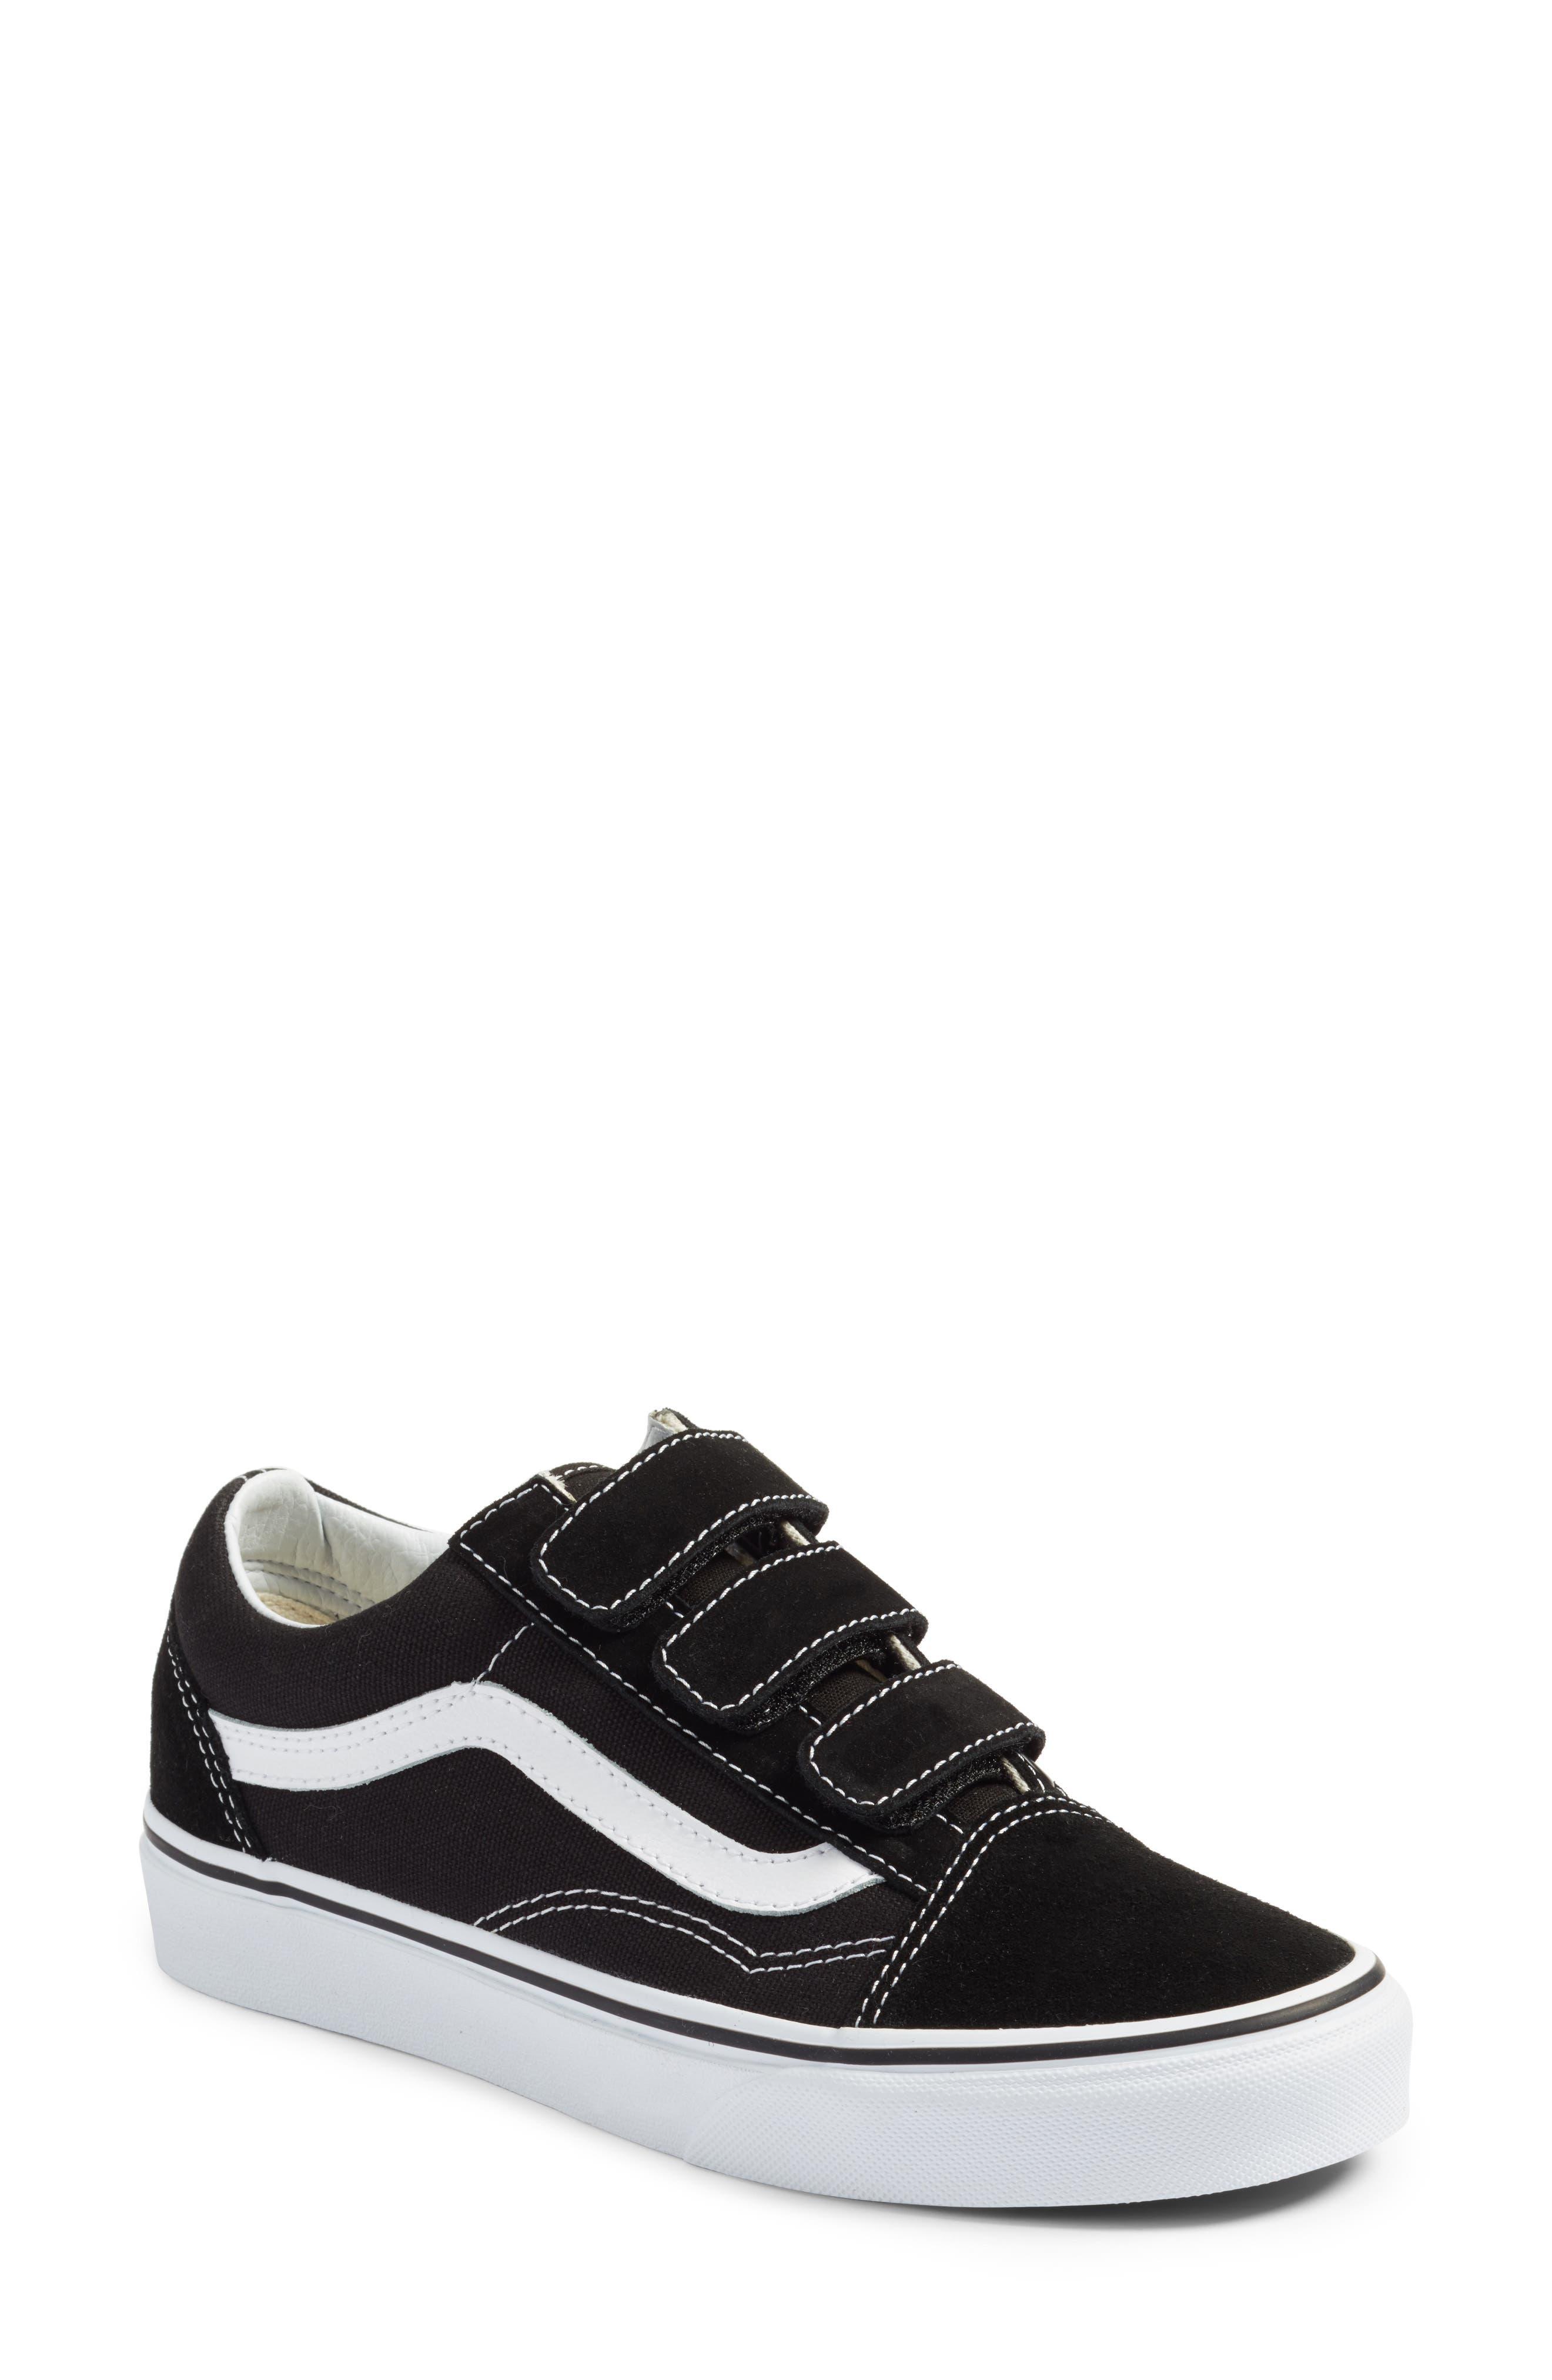 Main Image - Vans Old Skool V Pro Sneaker (Women)